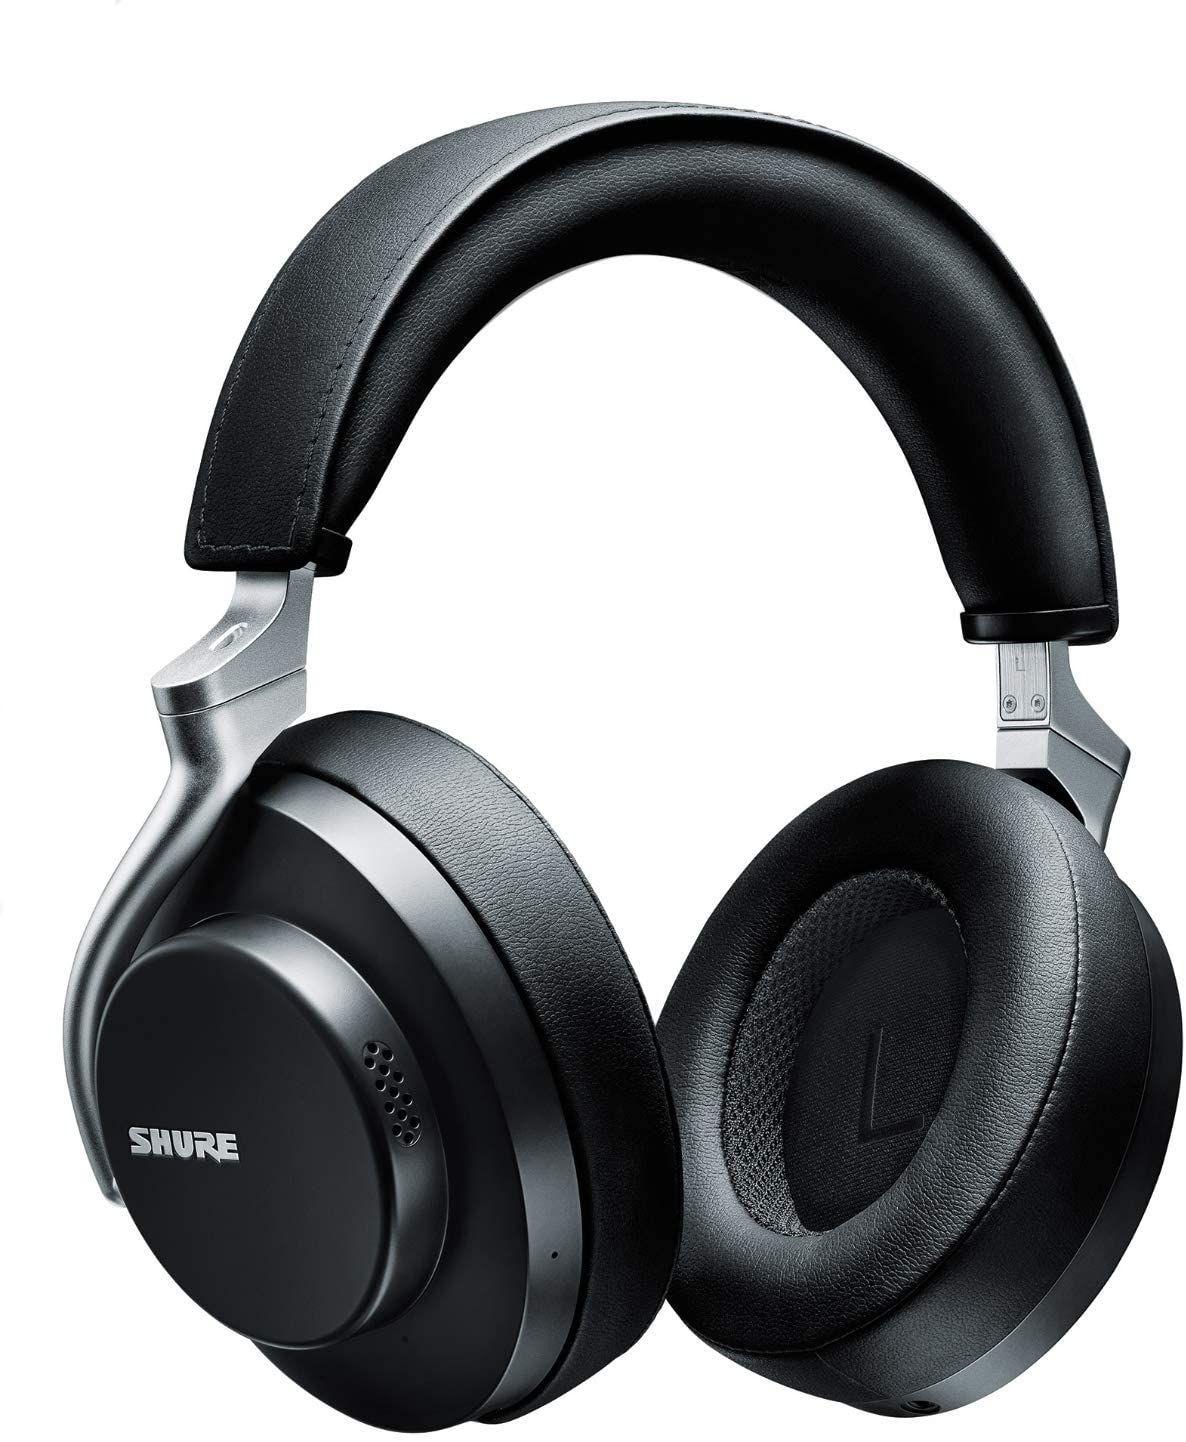 Shure AONIC 50 Noise Cancelling Koptelefoon @Amazon